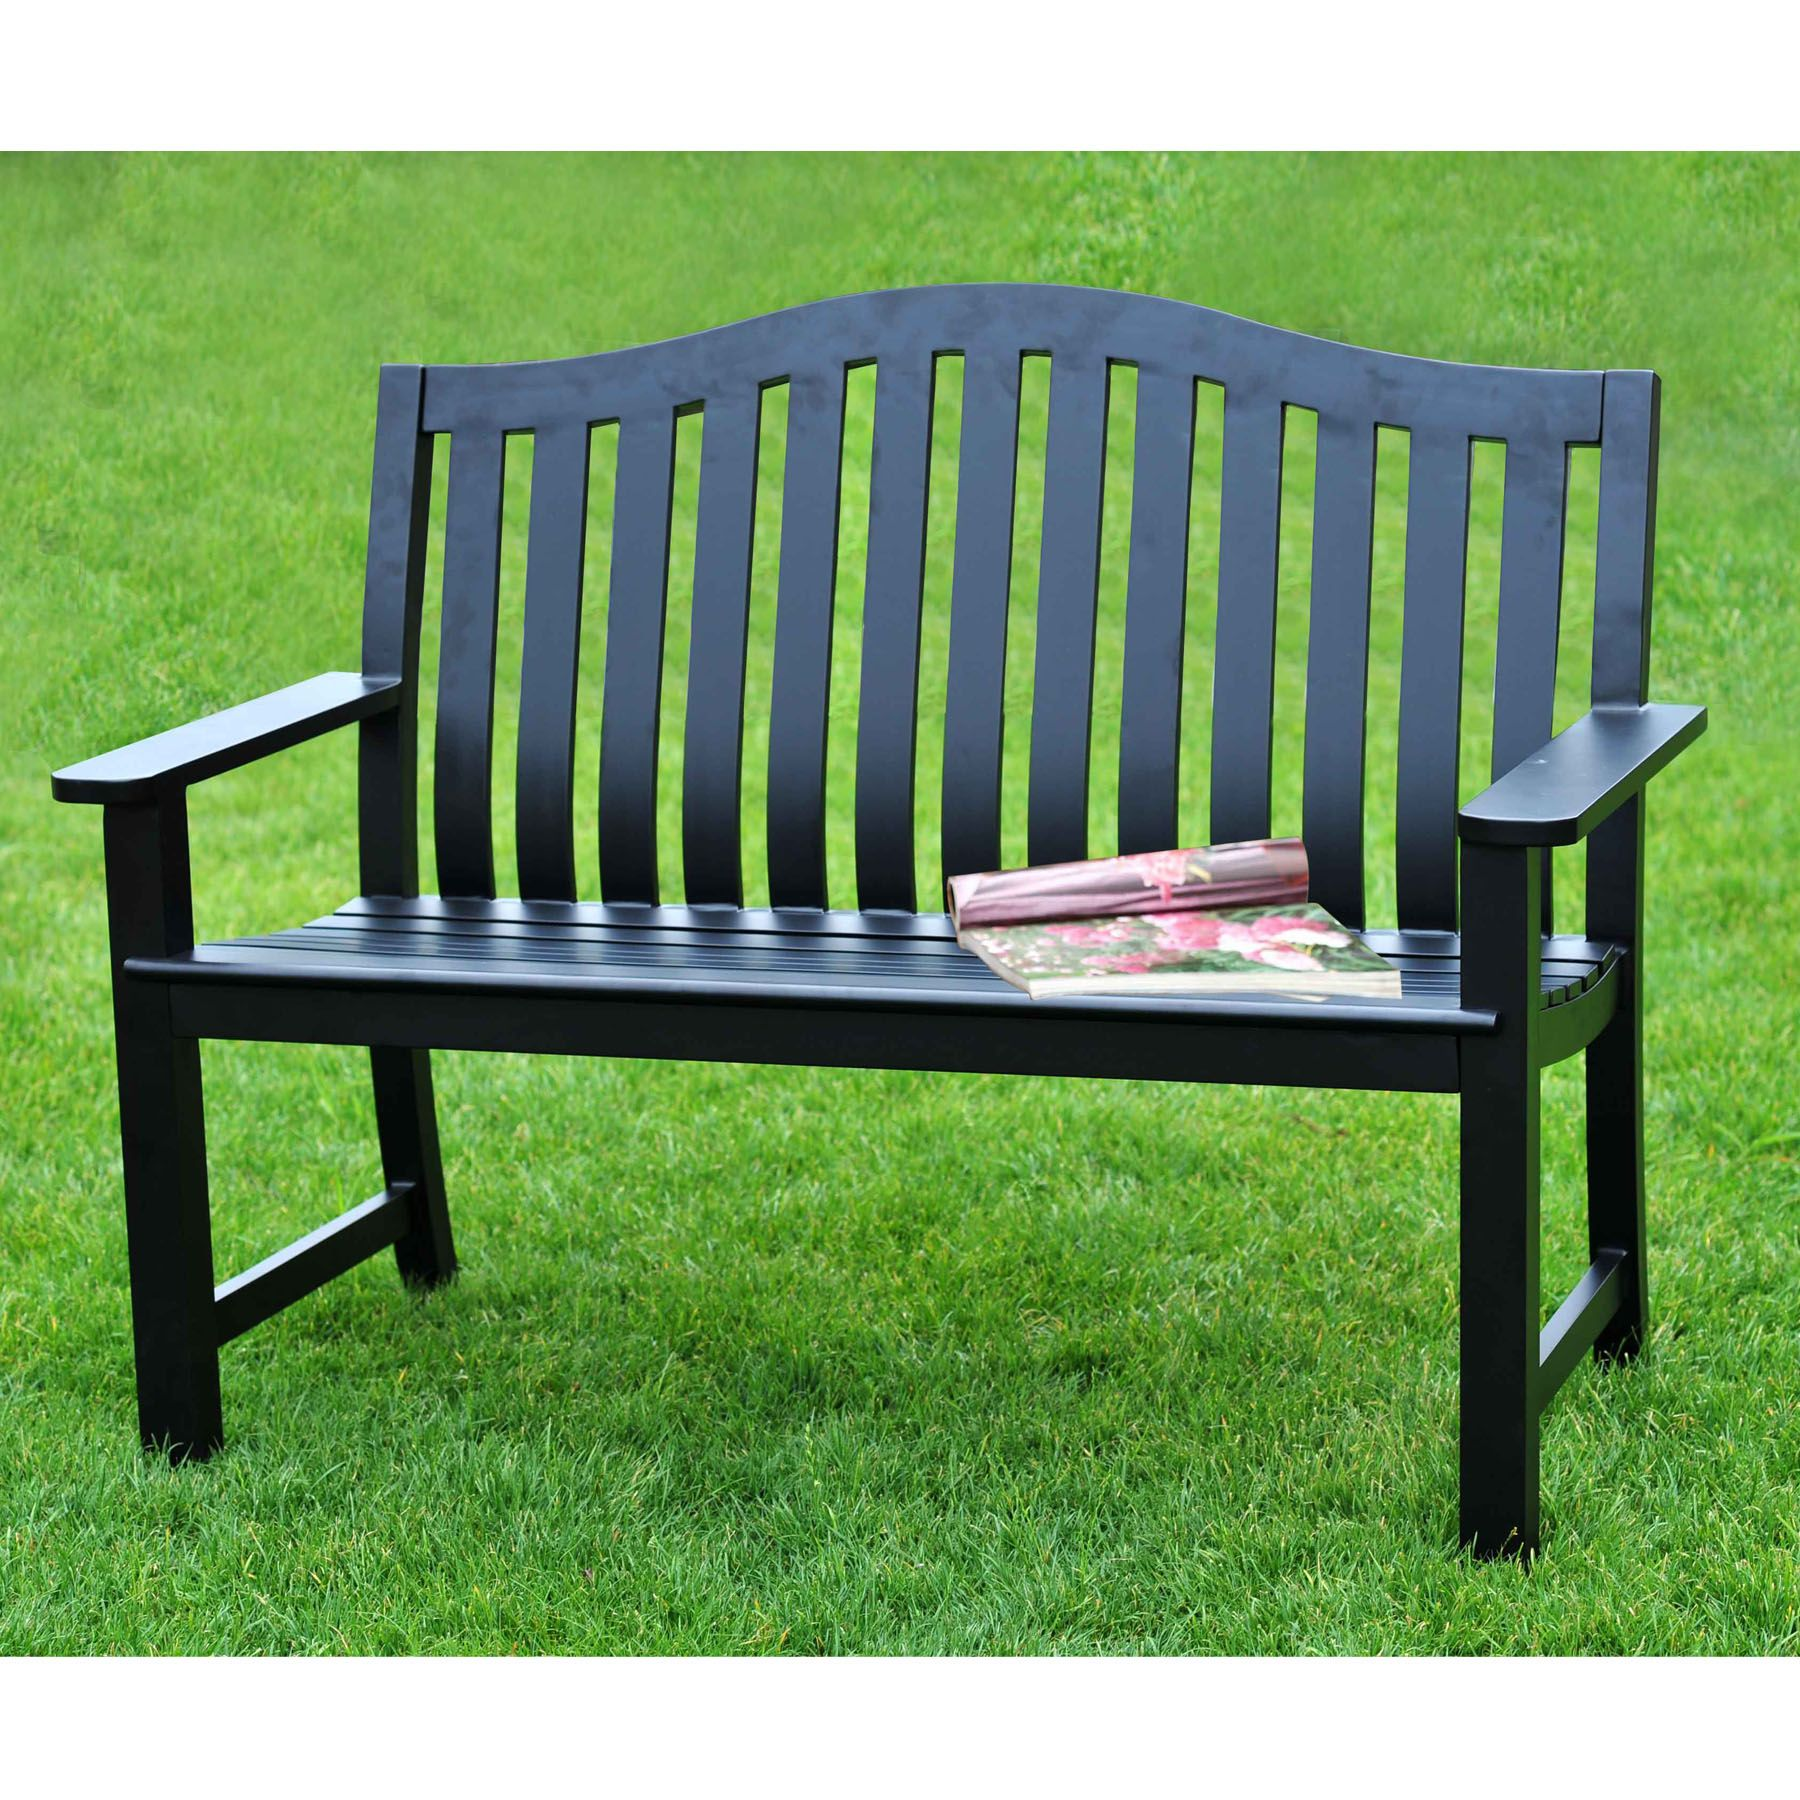 Sunjoy Smith Black Bench Outdoor Living Patio 640 x 480